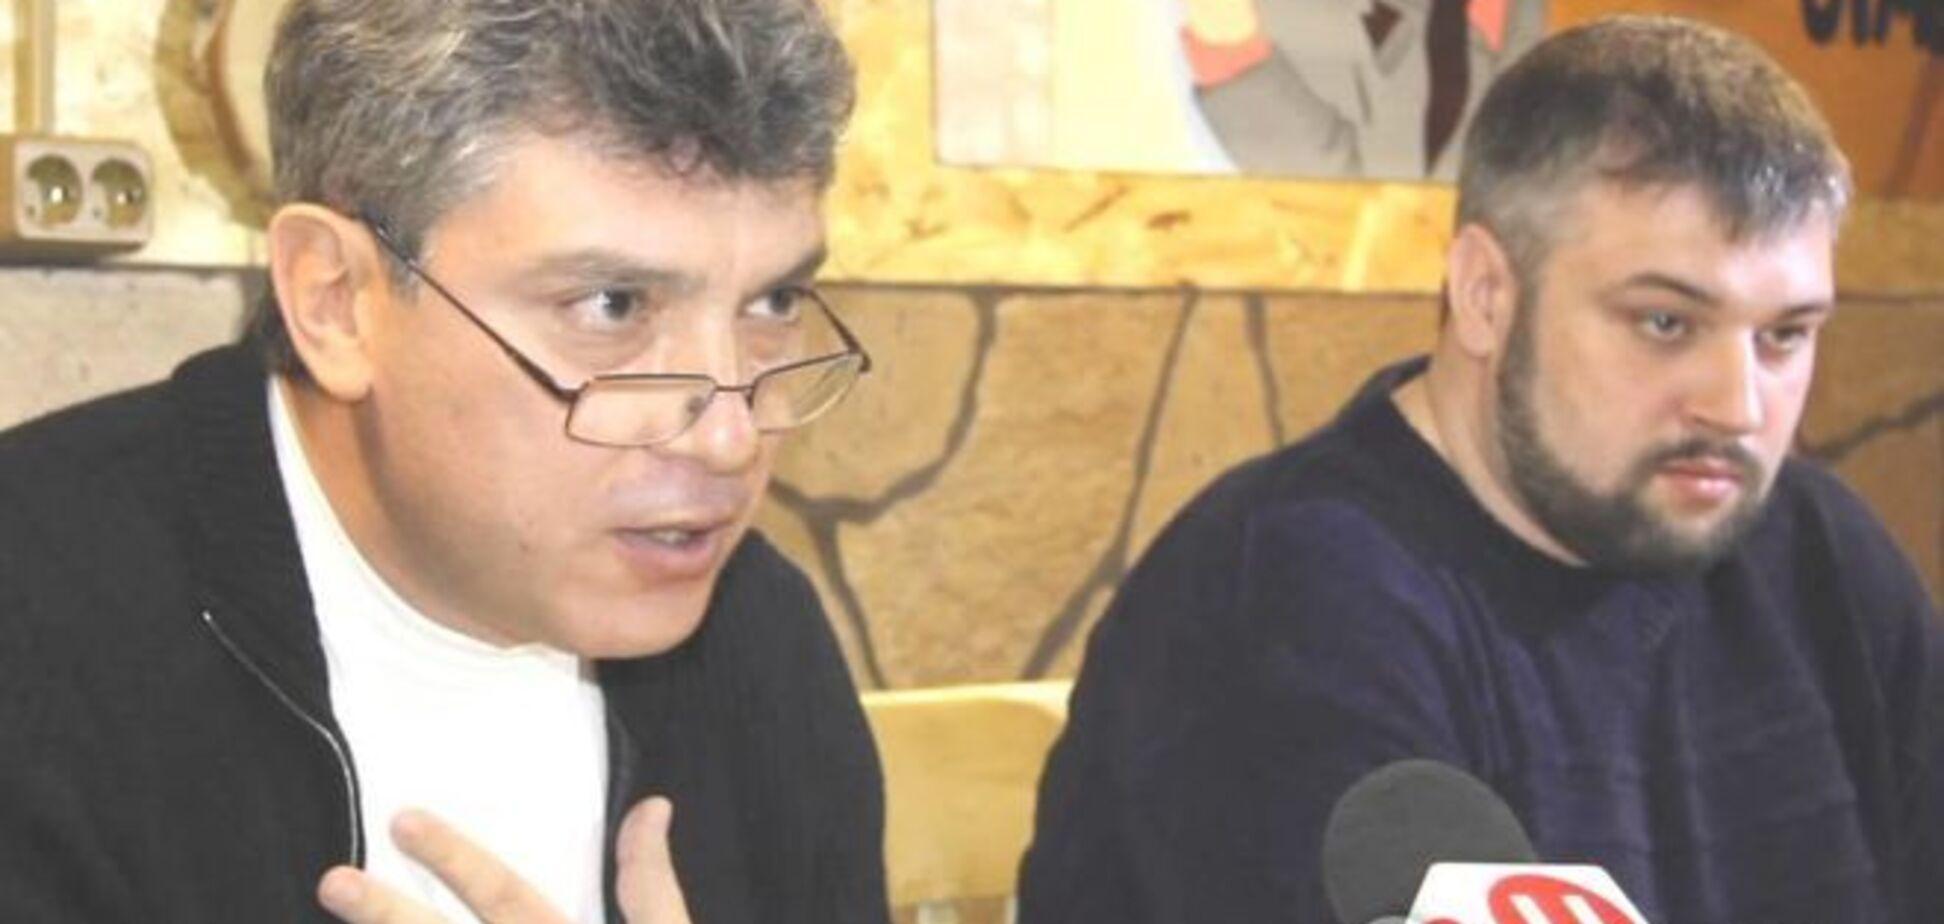 Путин разобрался с Немцовым по законам блатного мира – российский журналист